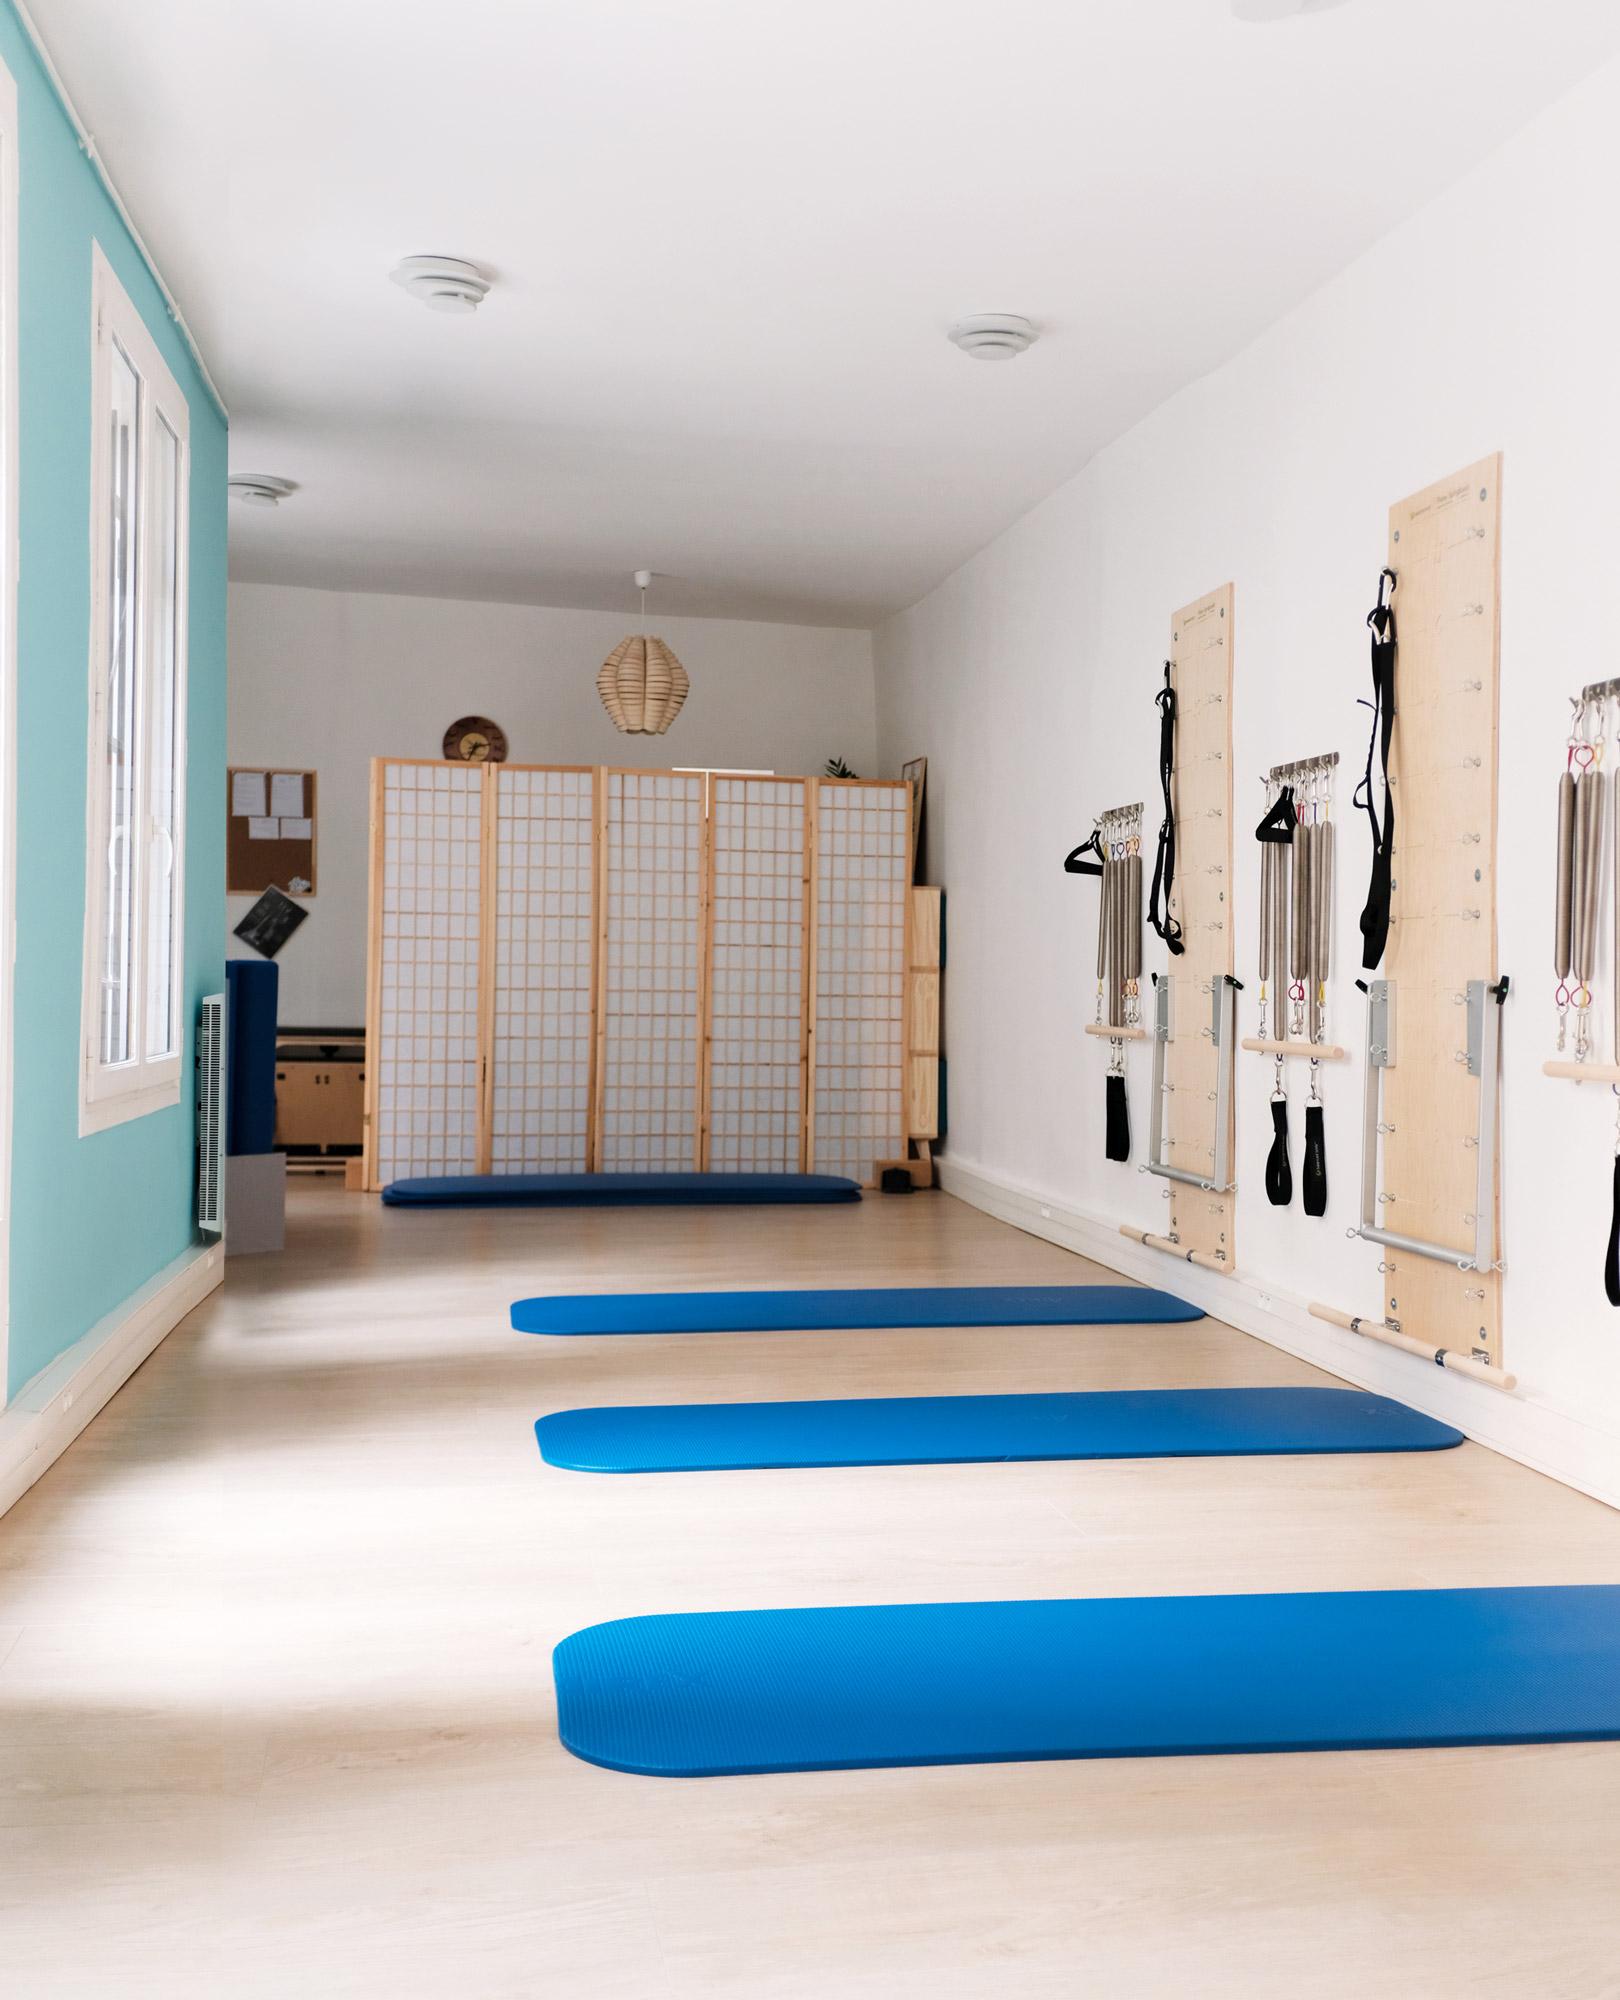 Location de Studio de Pilates à Paris